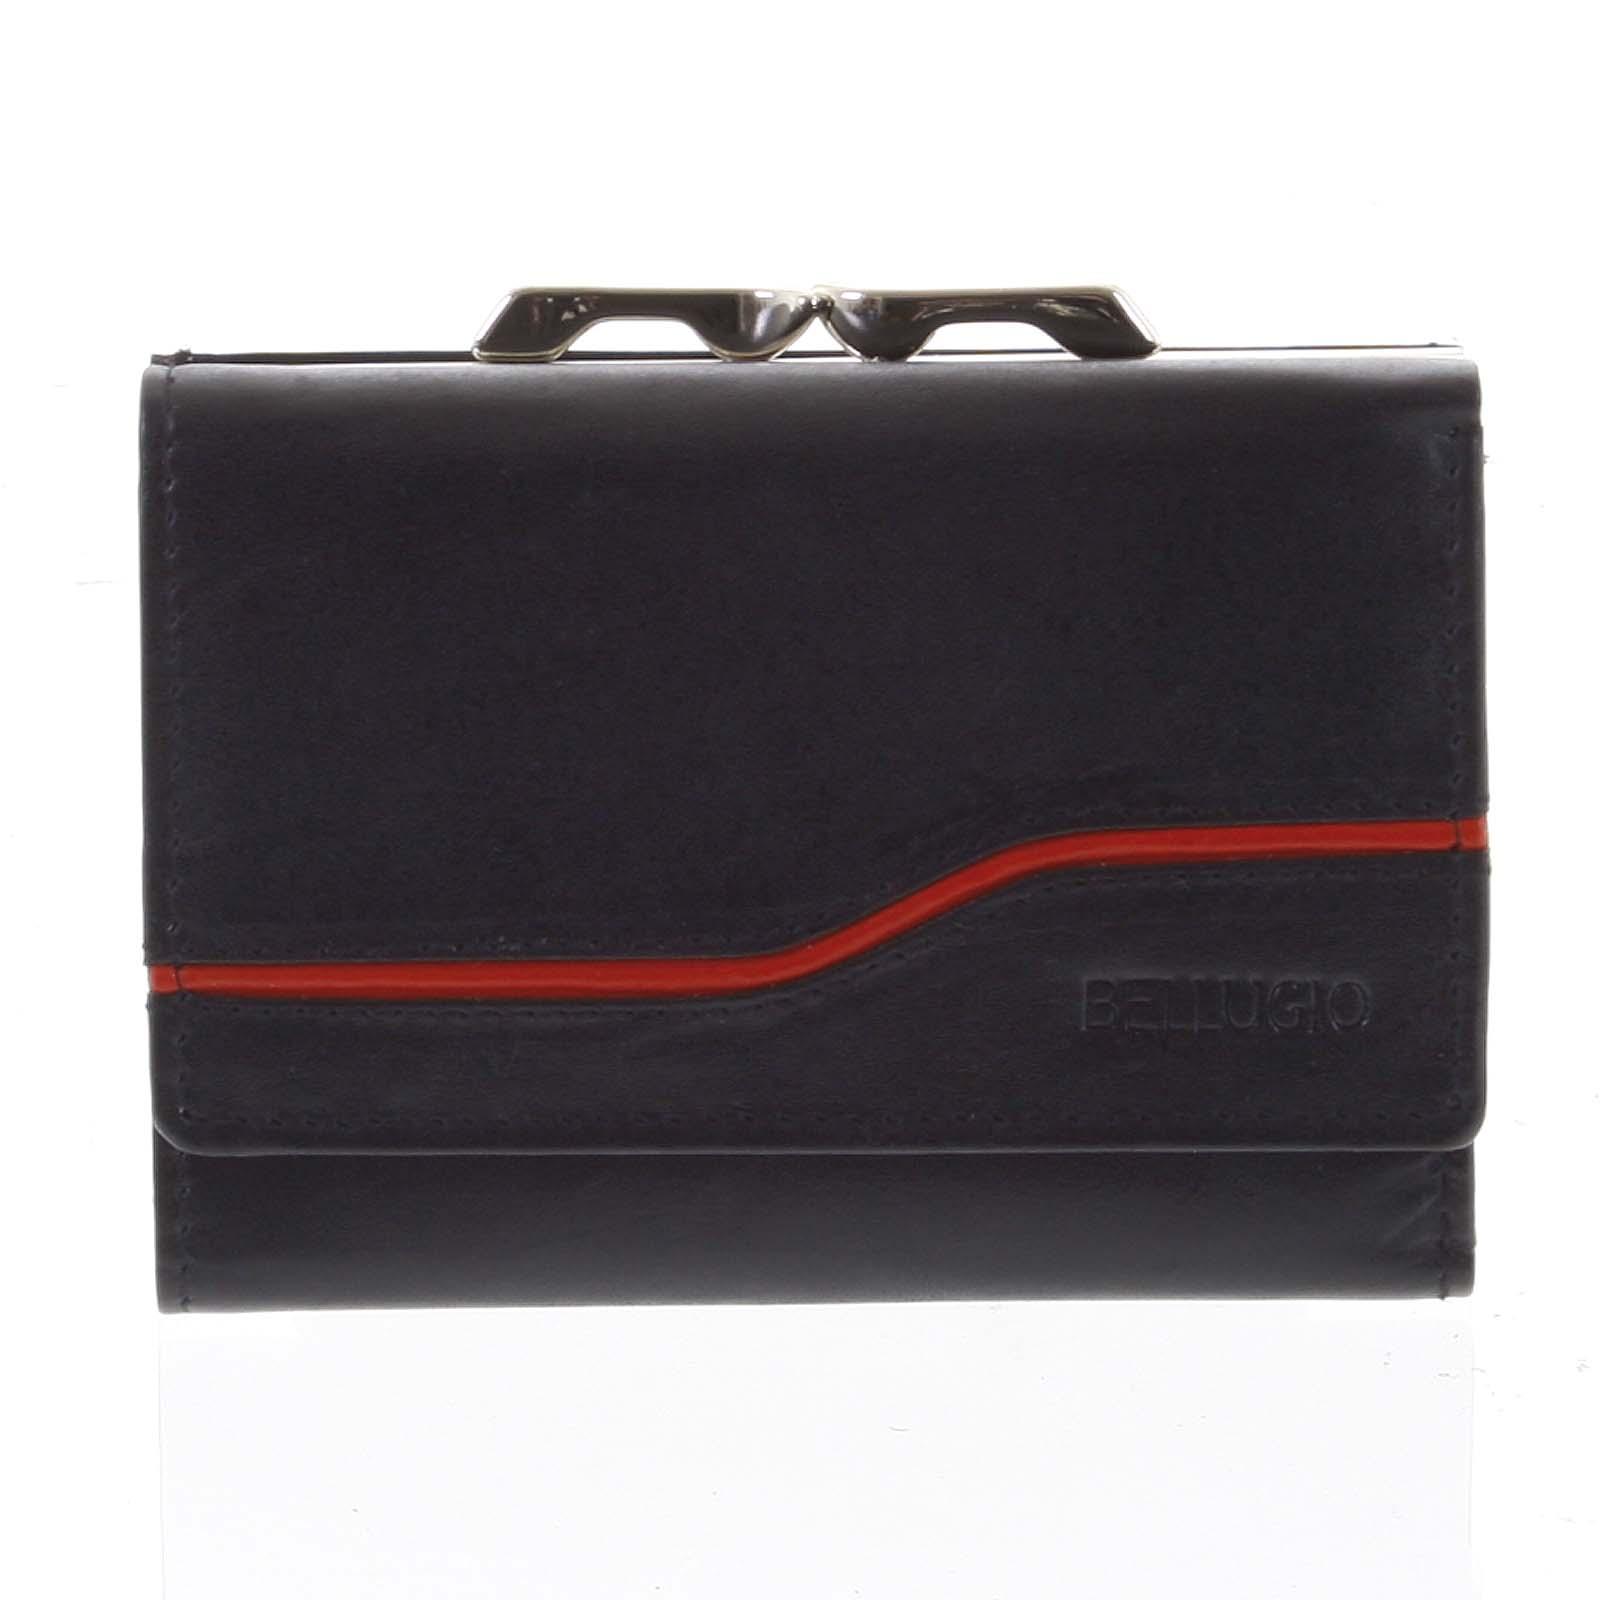 Dámska kožená peňaženka čierna - Bellugio Tarea